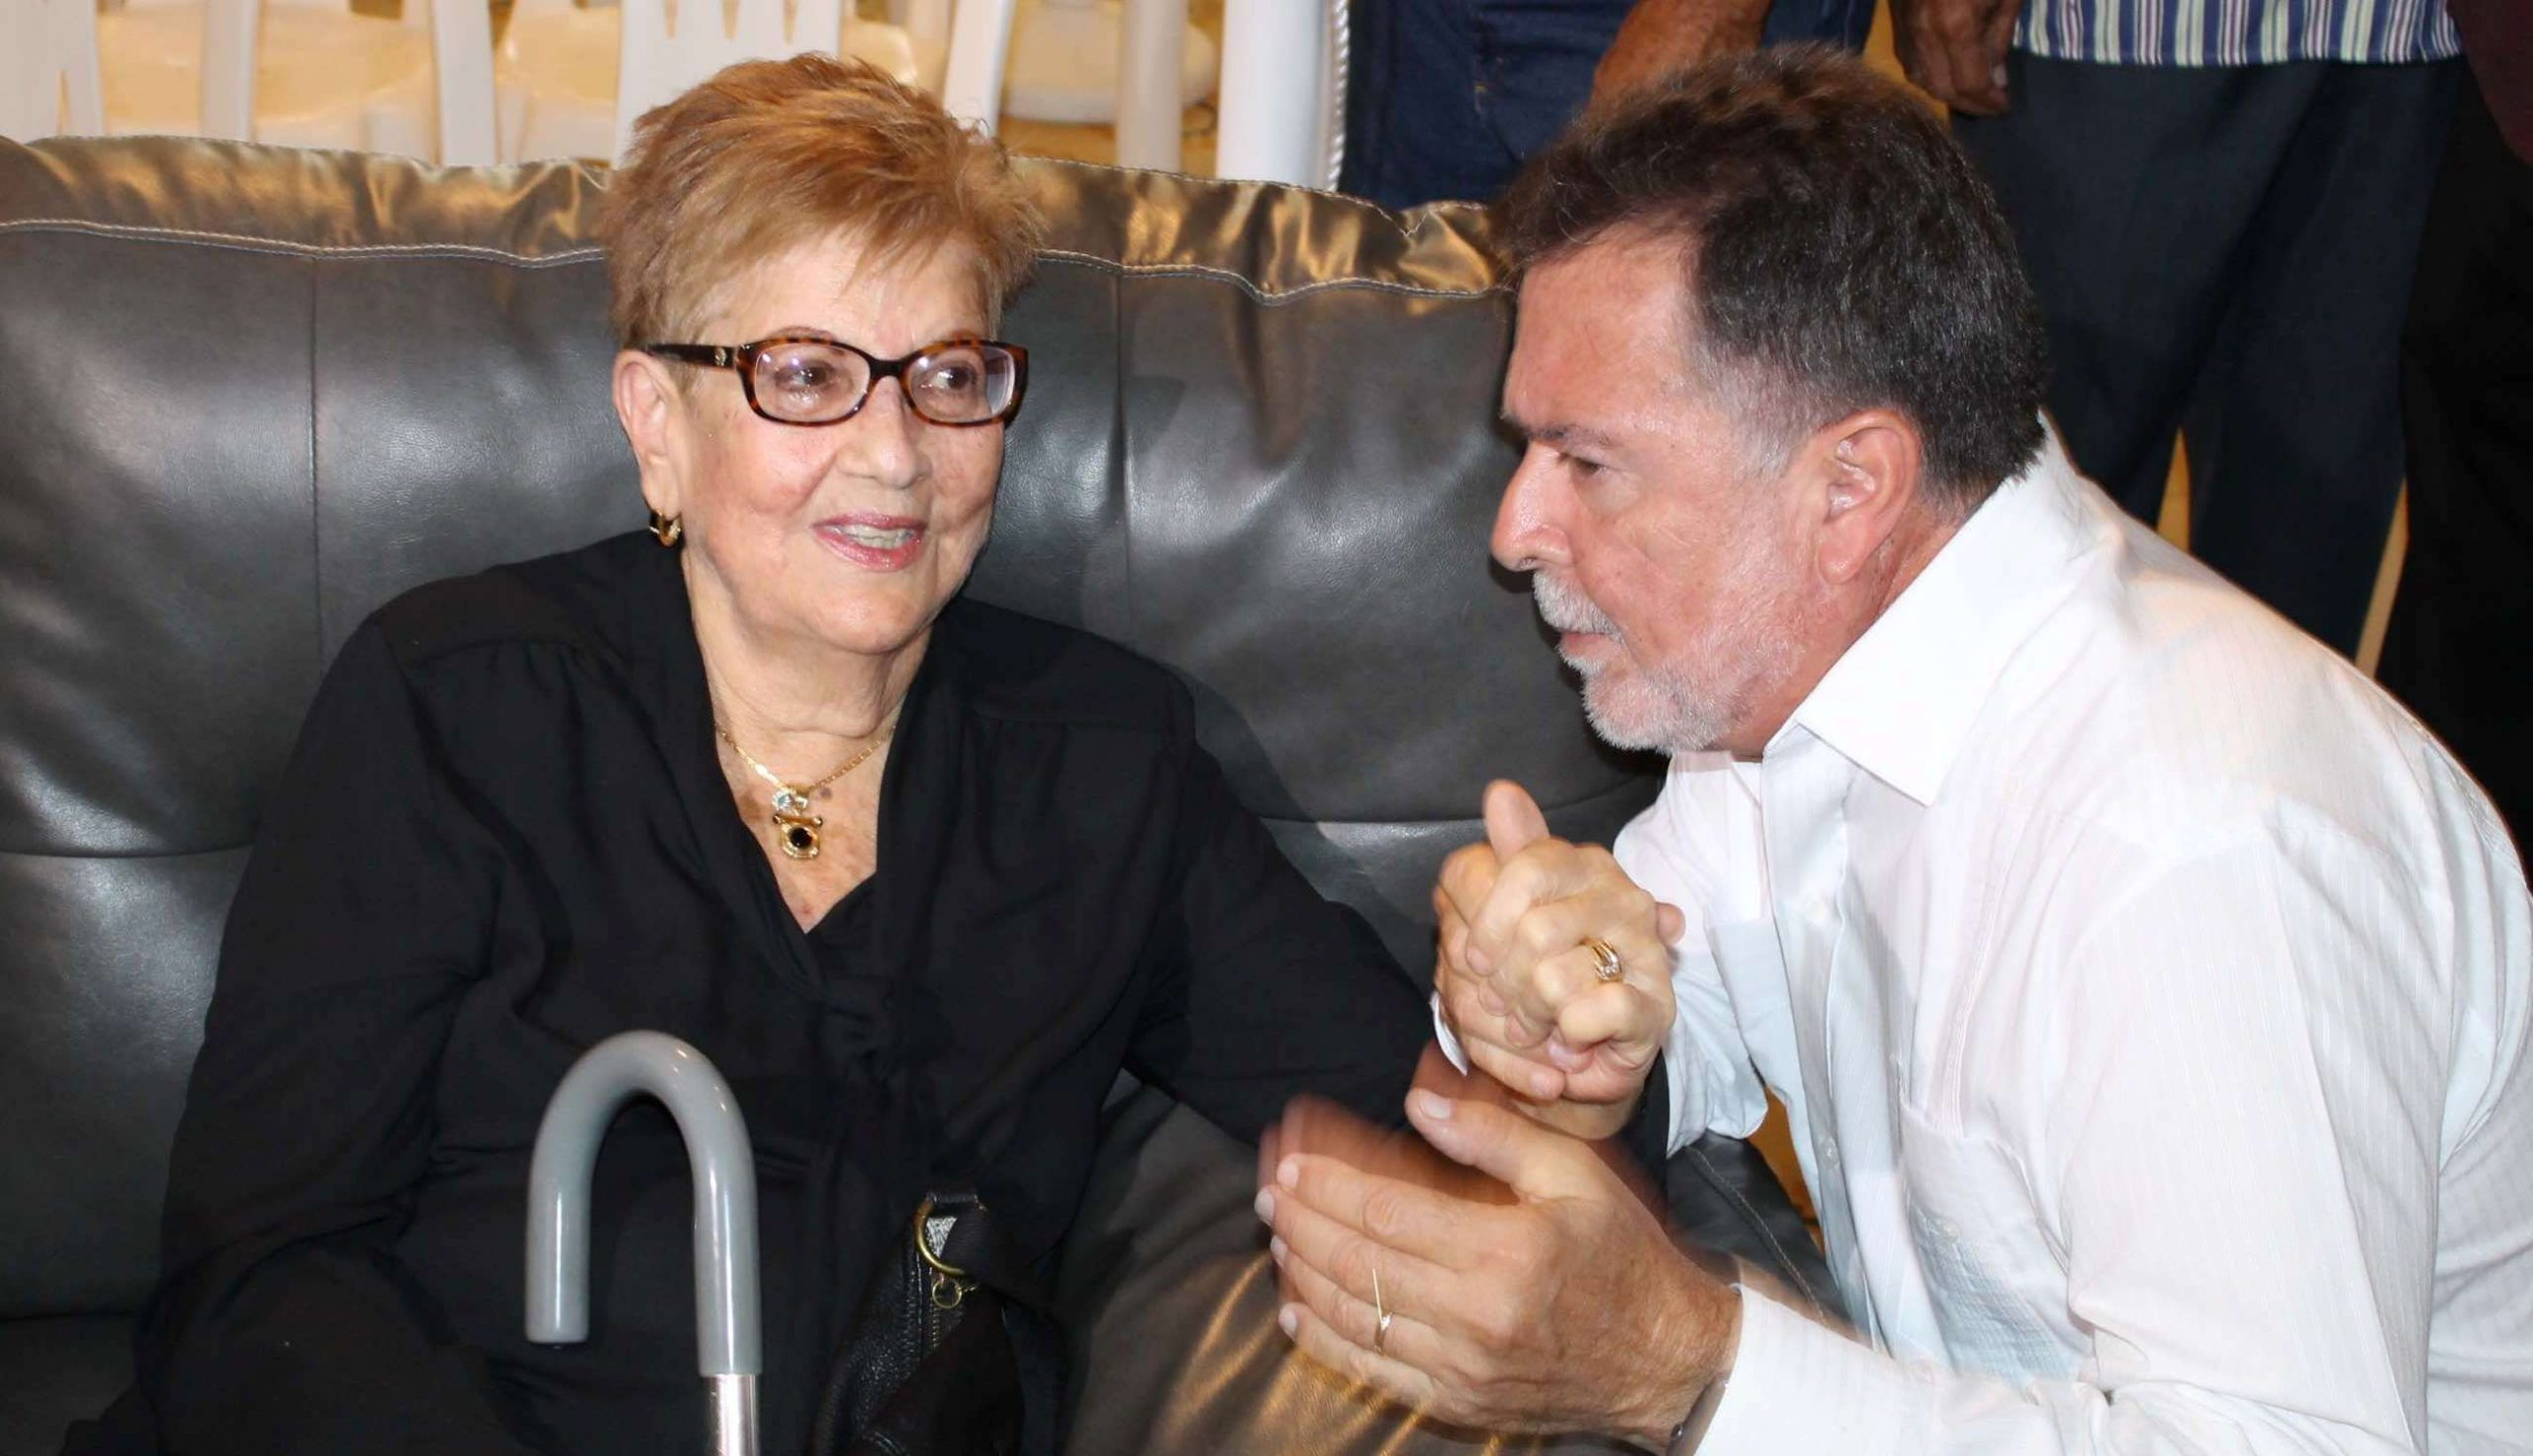 El productor Luisito Vigoreaux acompañó a doña Vilma durante el velatorio. (Foto Edgar Torres para Fundación Nacional para la Cultura Popular)